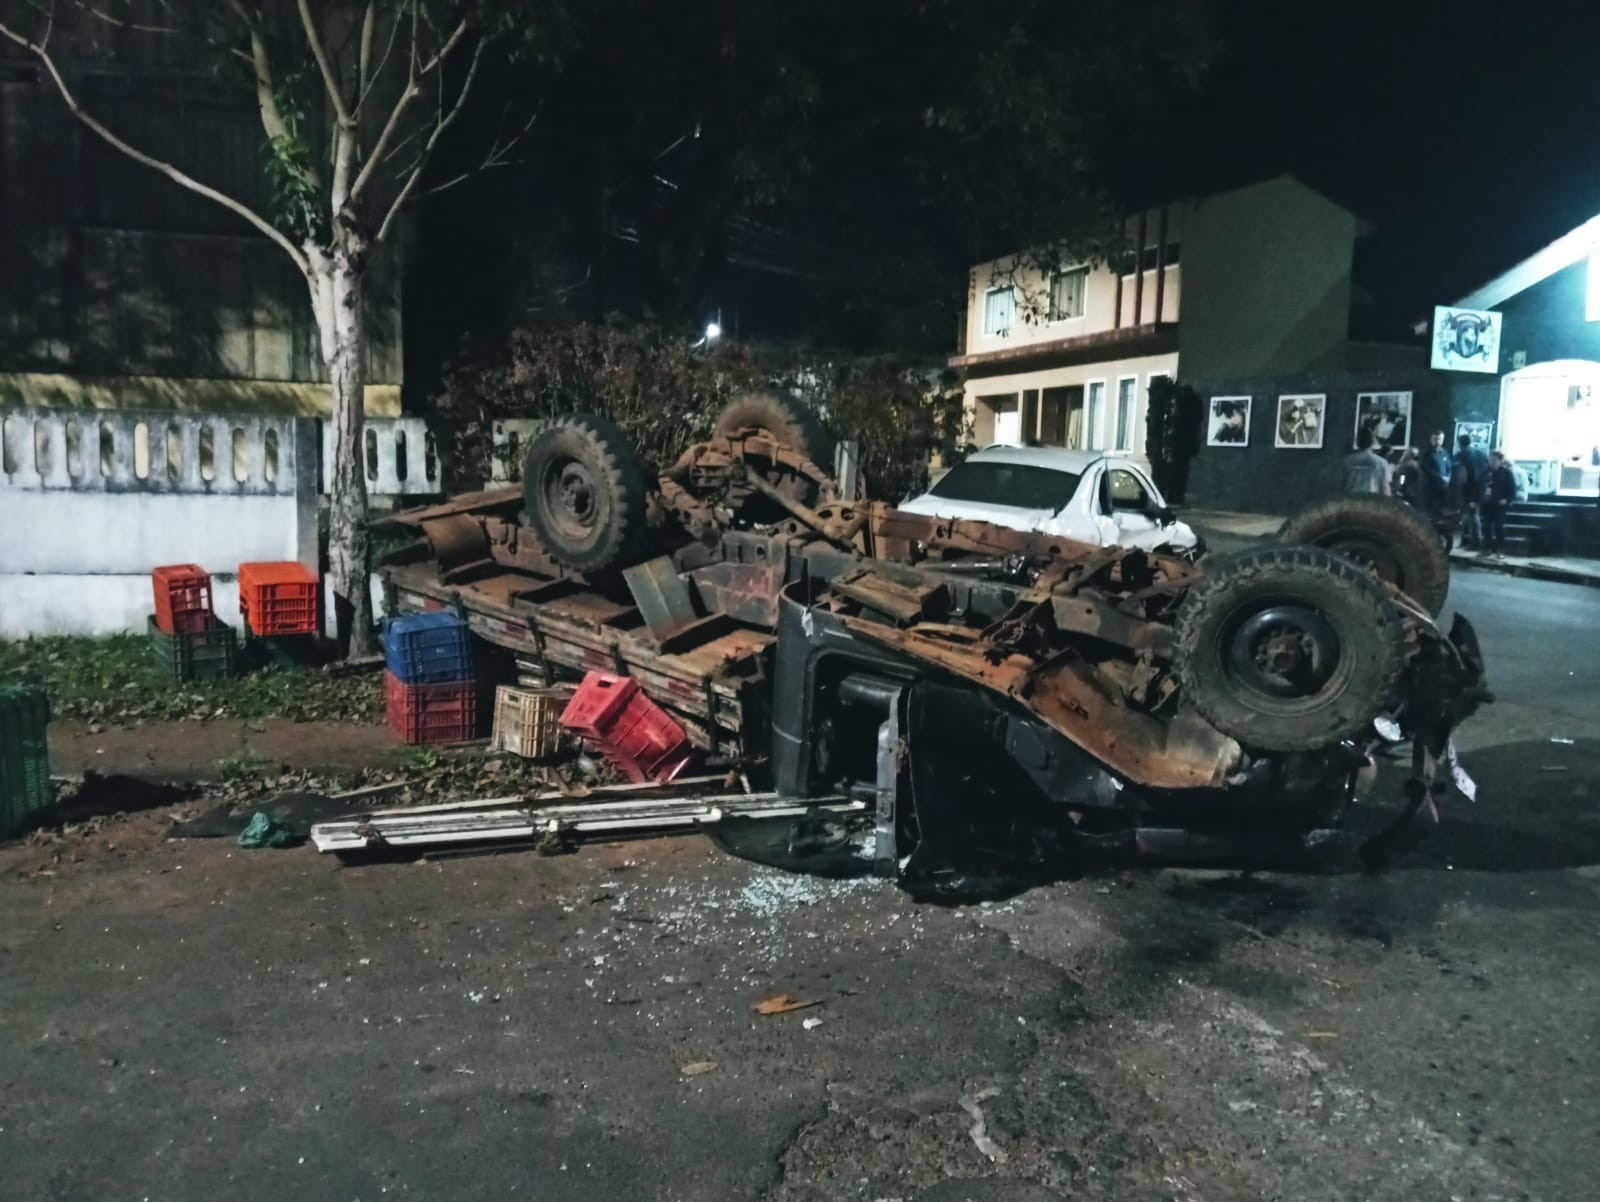 Caminhonete conduzida por adolescente de 16 anos na contramão bate em carro, em Guarapuava